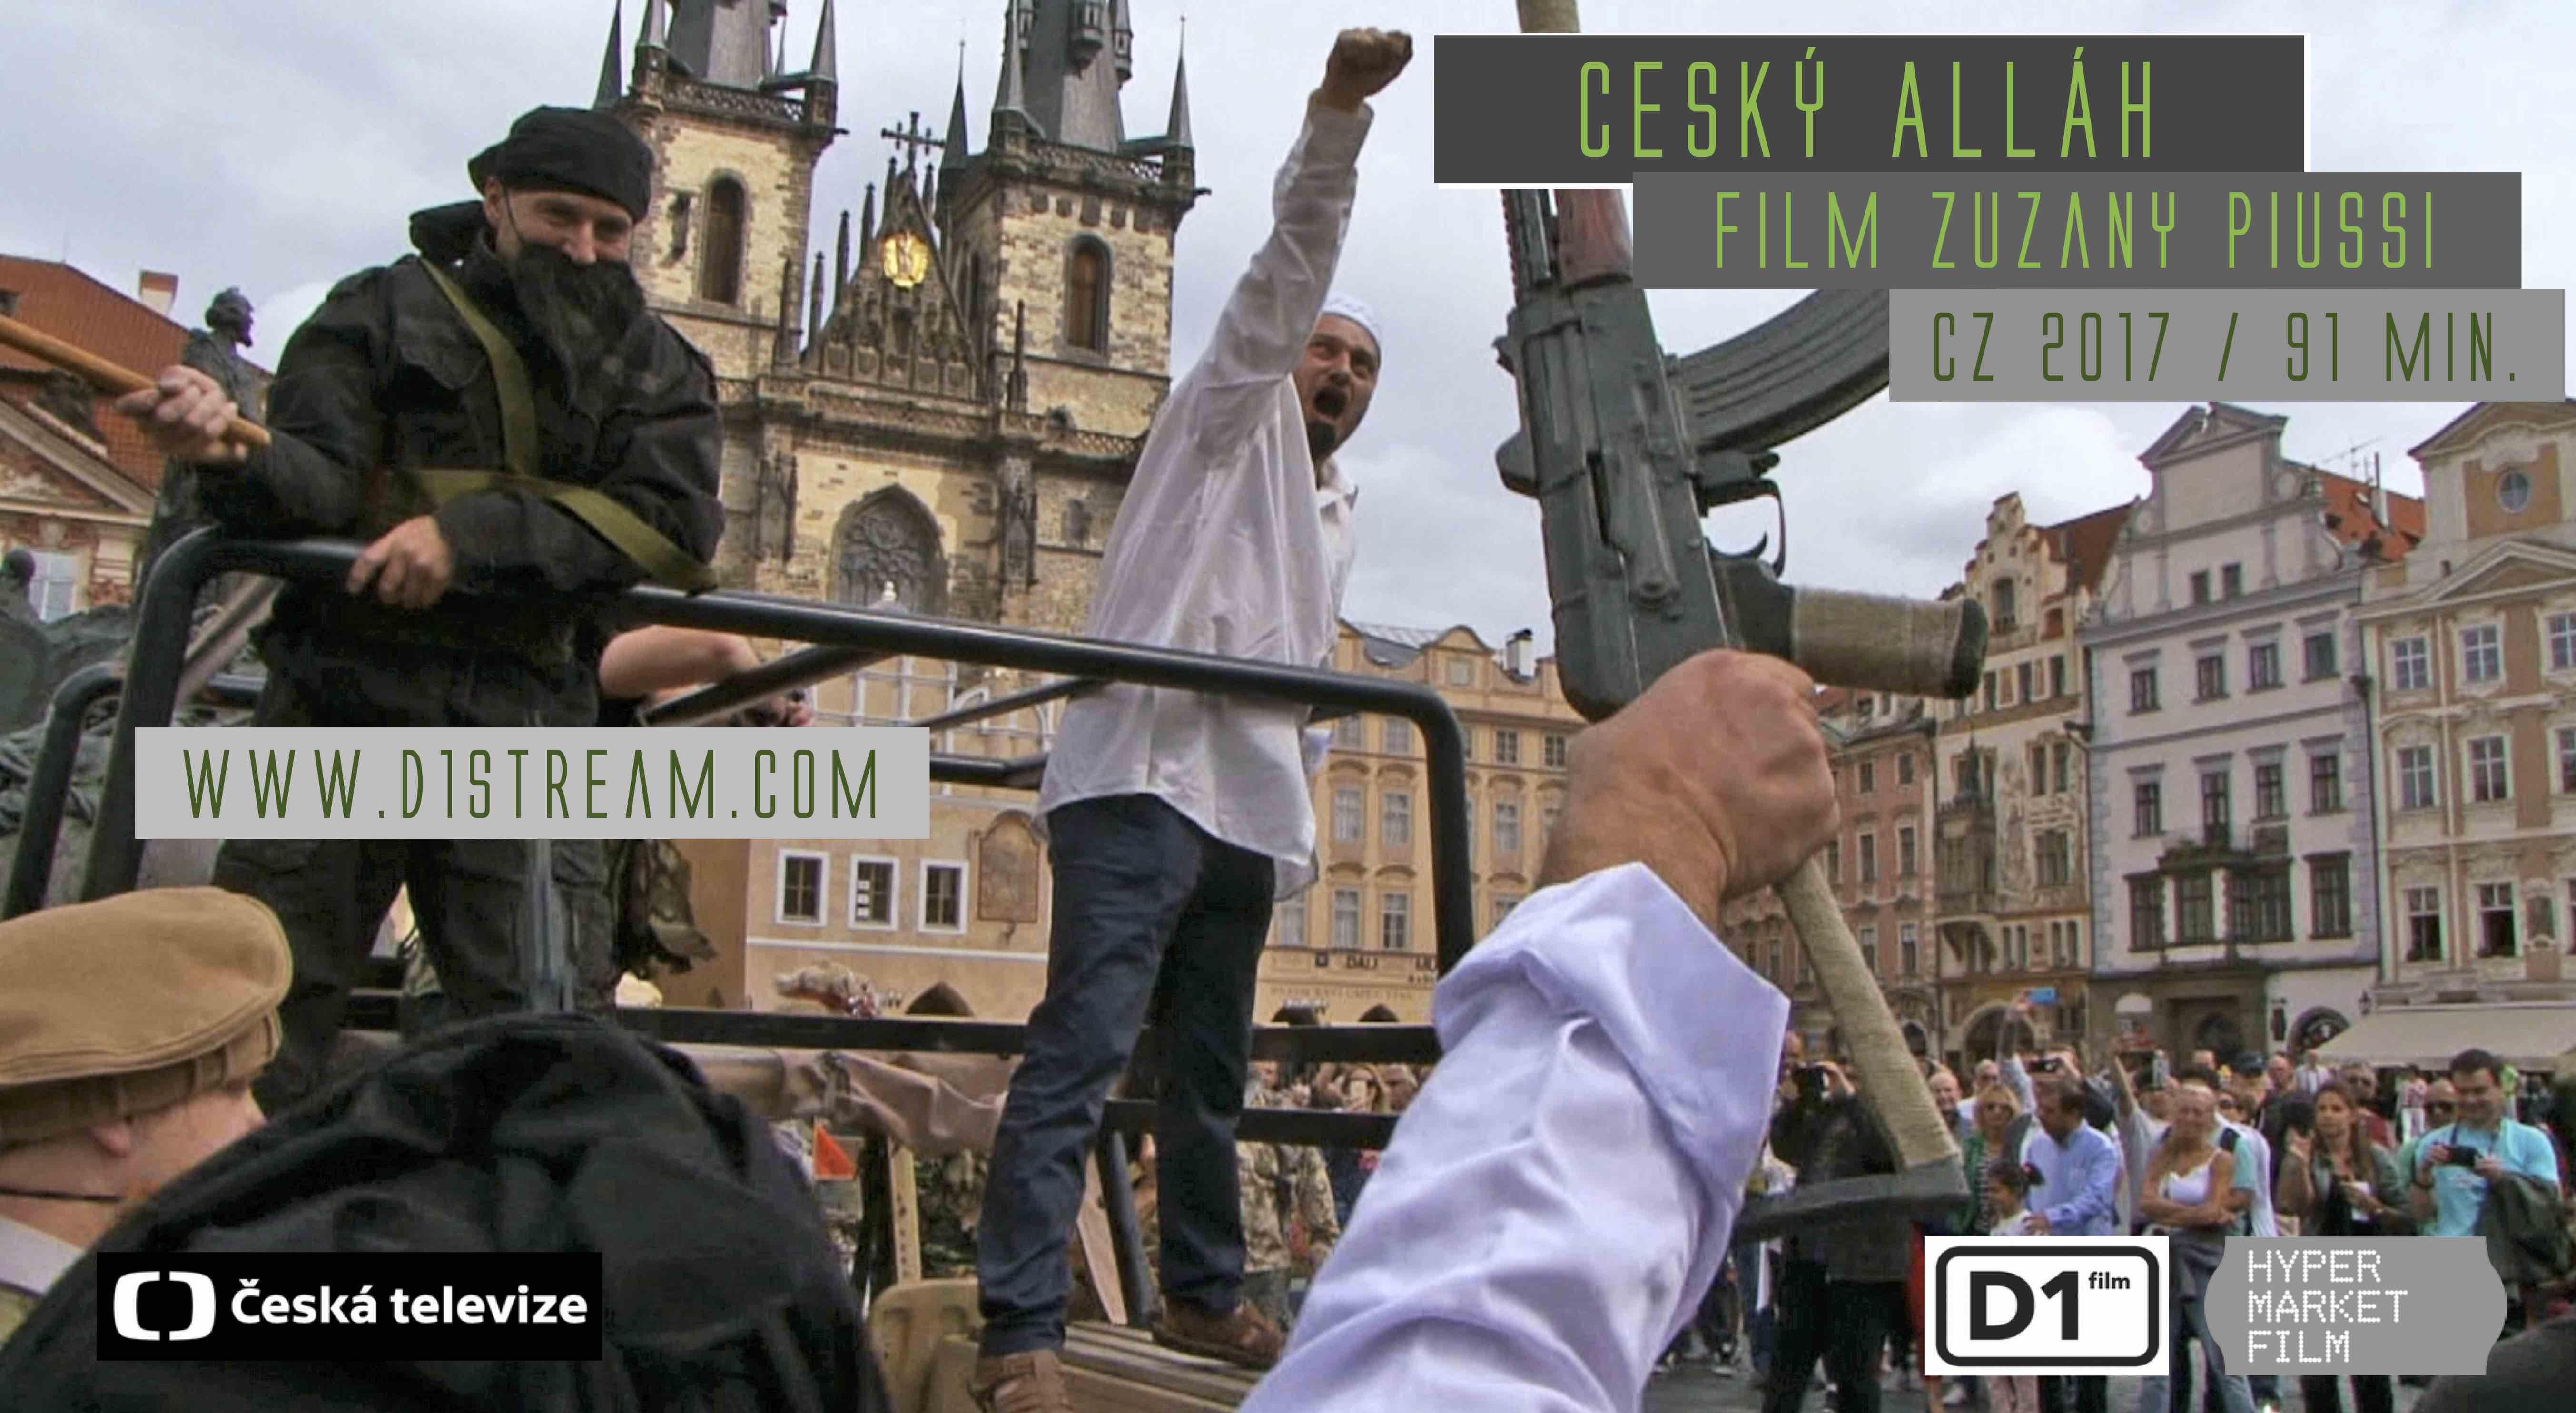 Dokument režisérky Zuzany Piussi Český Alláh